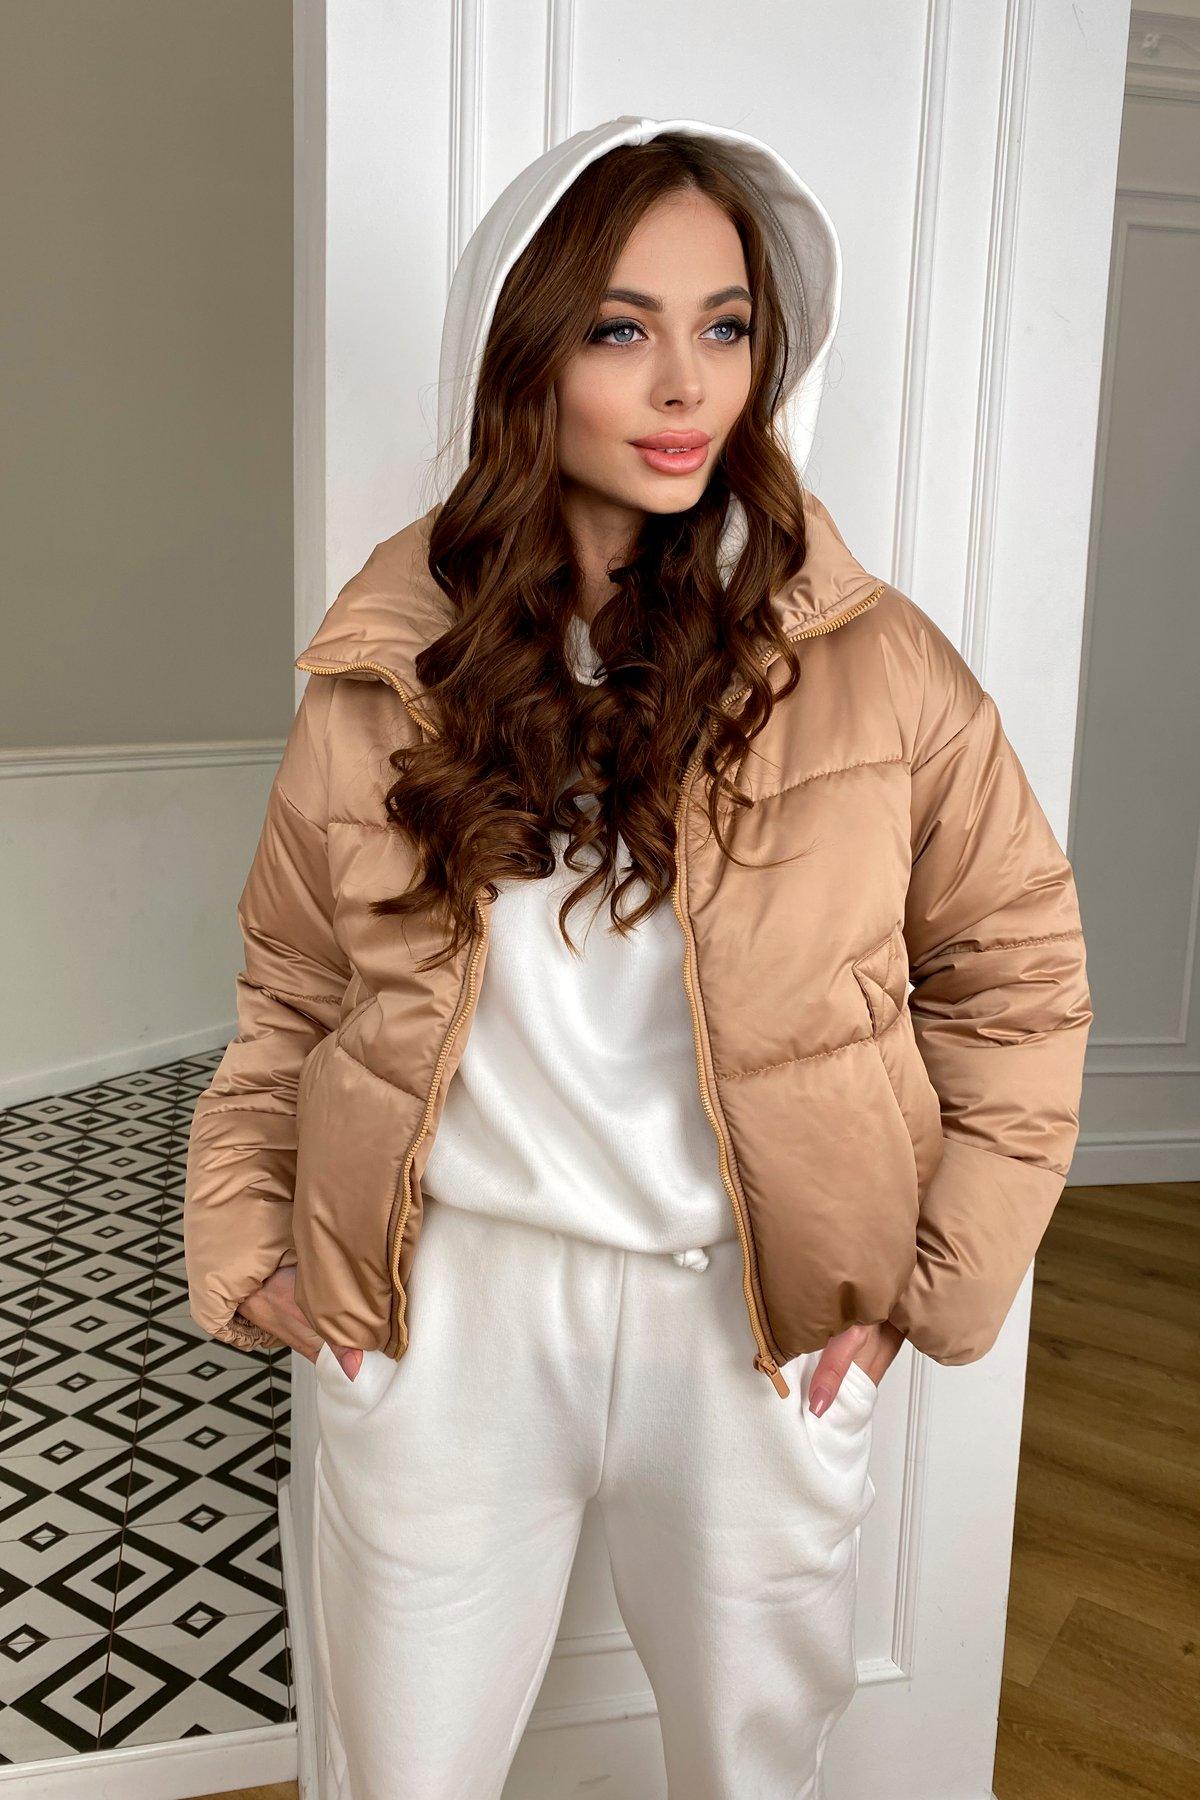 Драйв куртка из плащевой матовой ткани  10232 АРТ. 46523 Цвет: Кемел - фото 4, интернет магазин tm-modus.ru